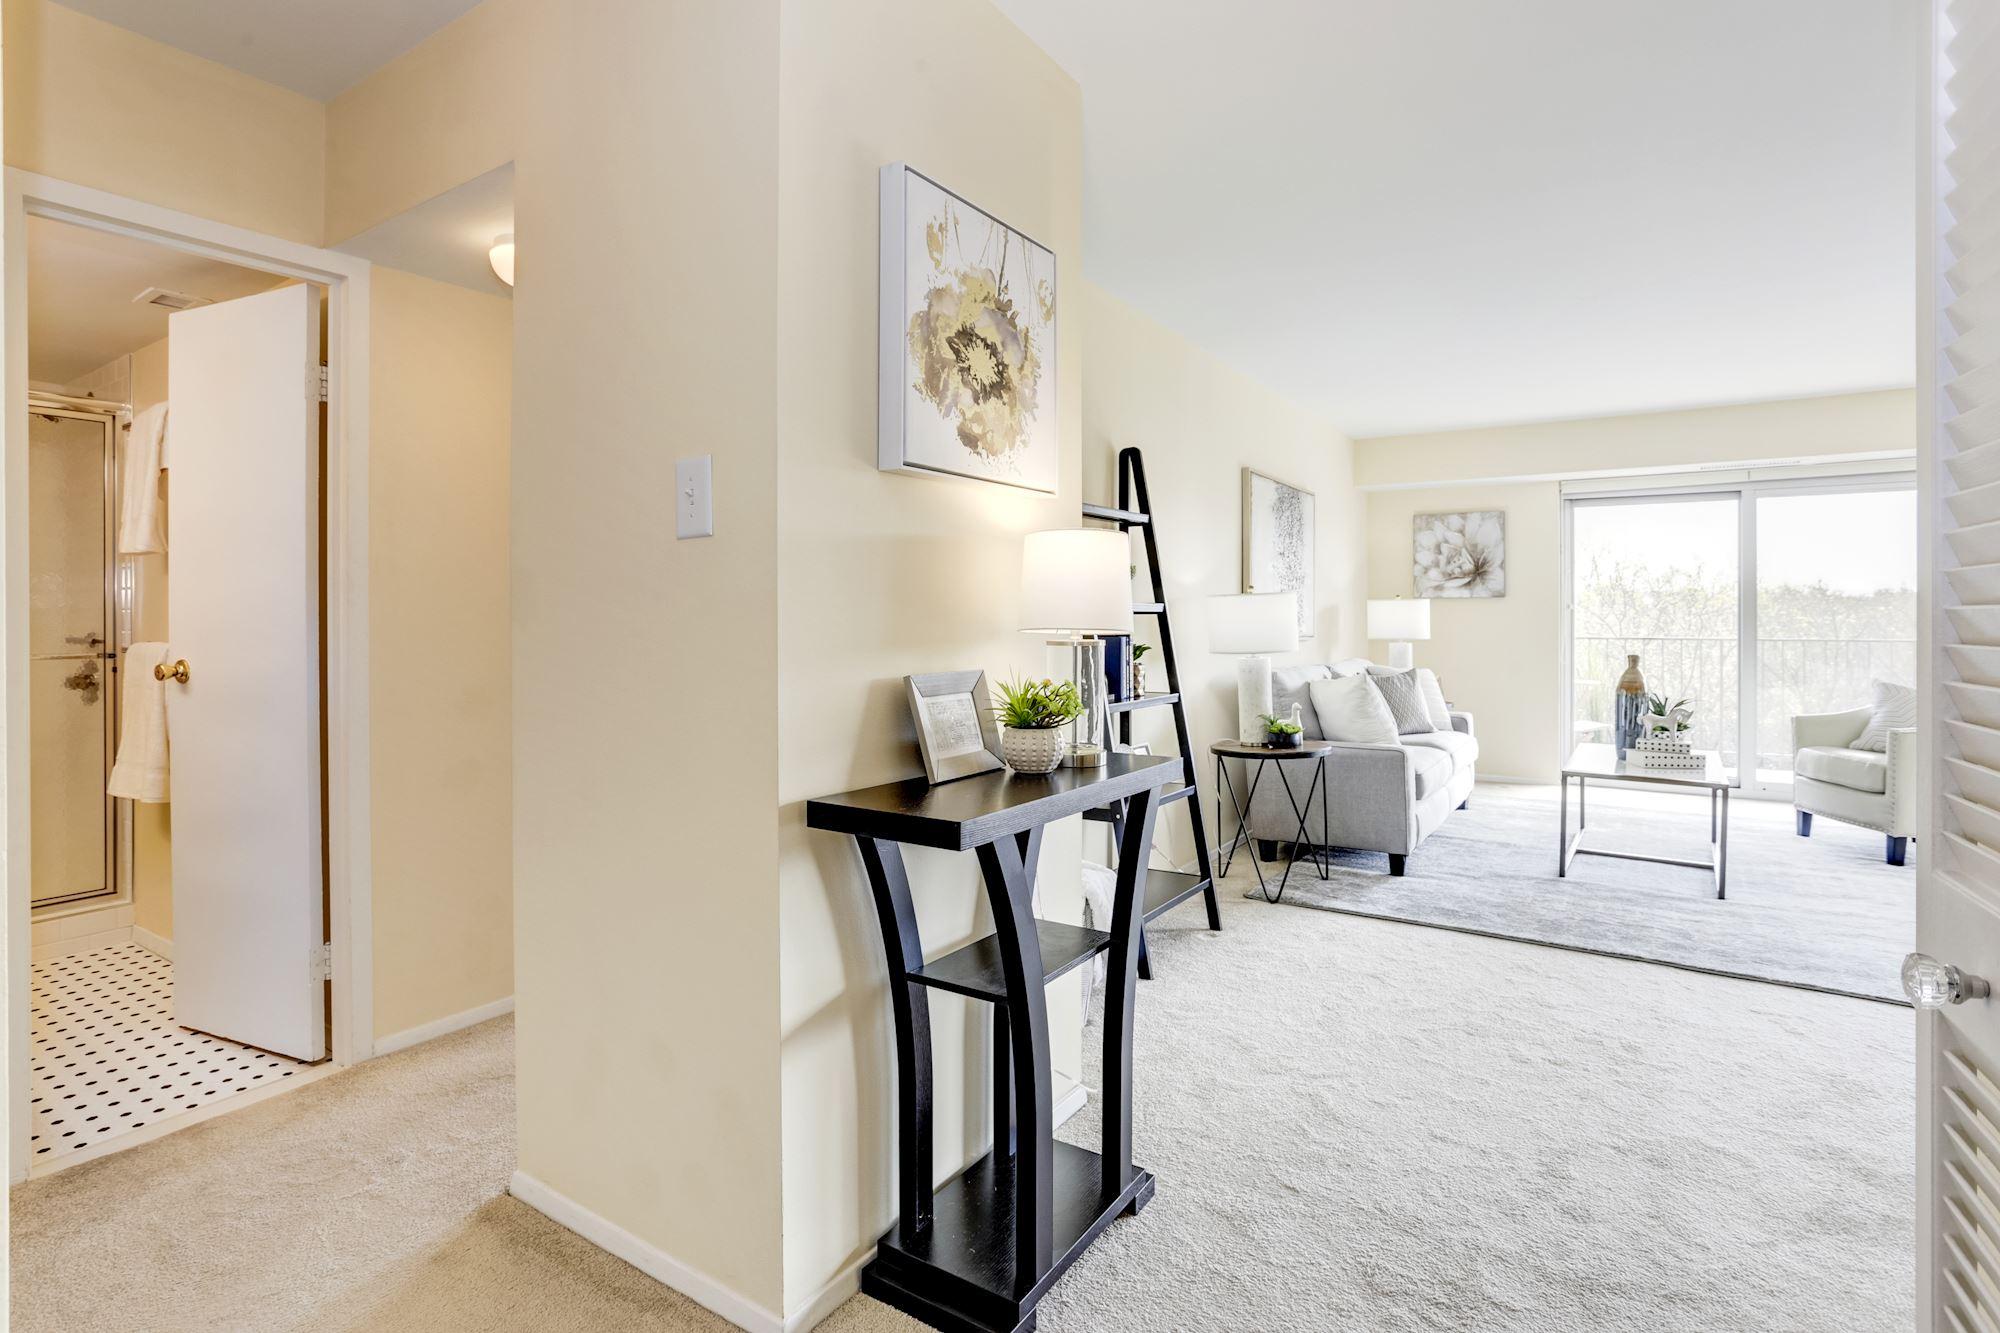 9039 Sligo Creek Parkway,Silver Spring,Maryland 20901,1 Bedroom Bedrooms,1 BathroomBathrooms,Condominium,Parkside Plaza,Sligo Creek,1039